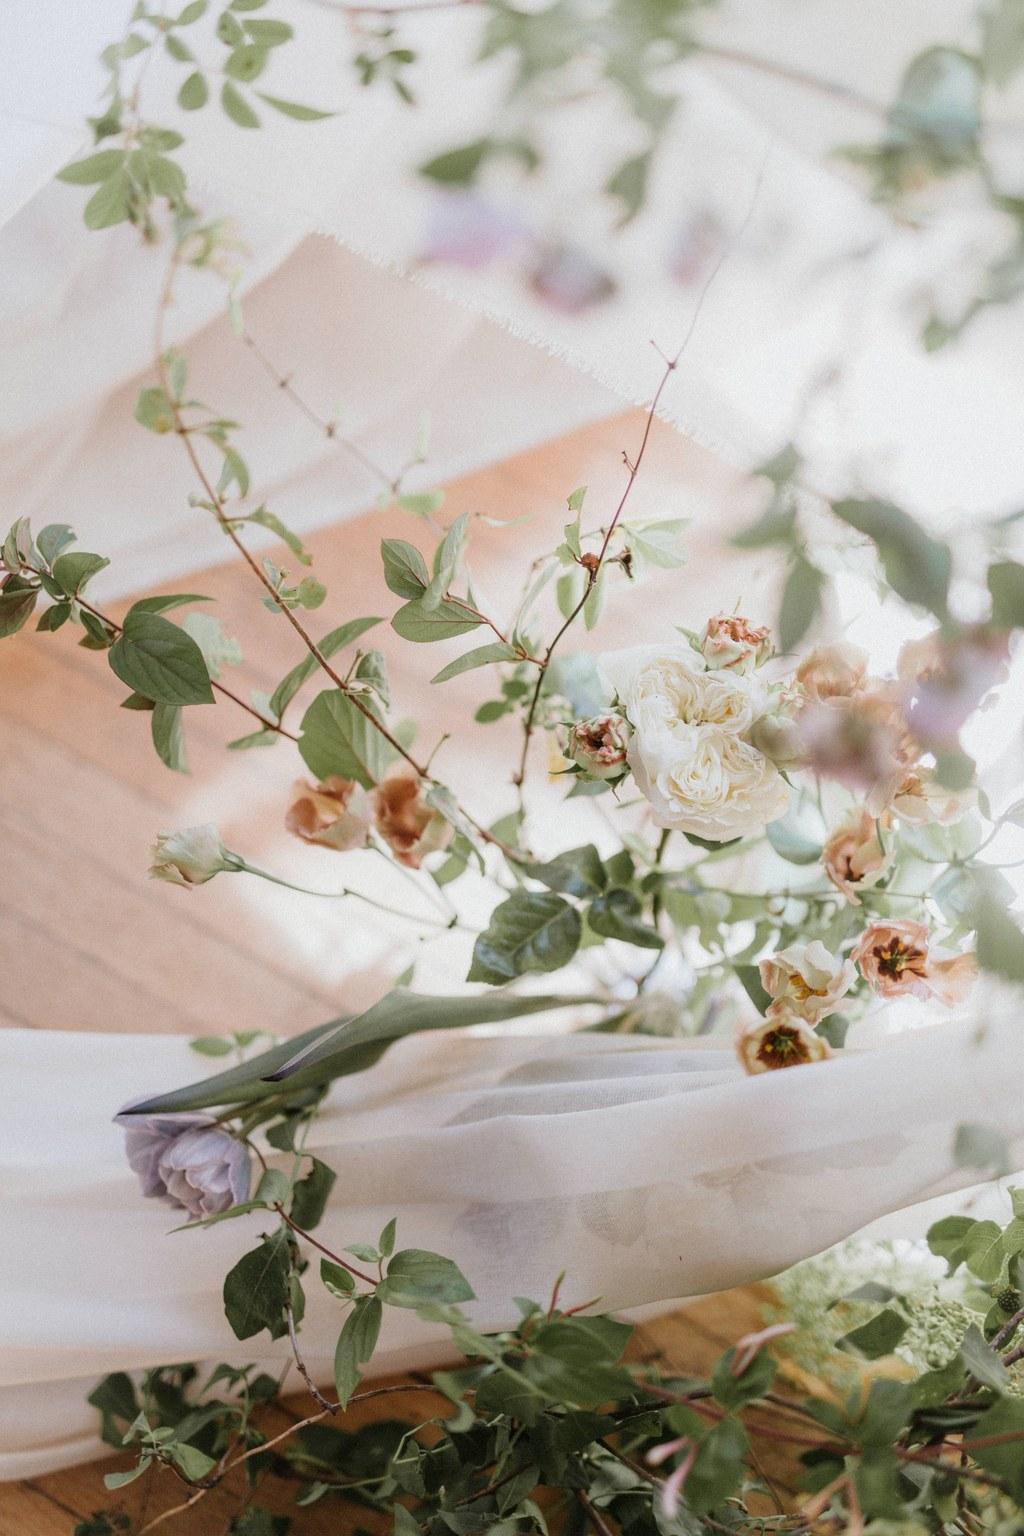 decor de mariage romantique chic ecoresponsable